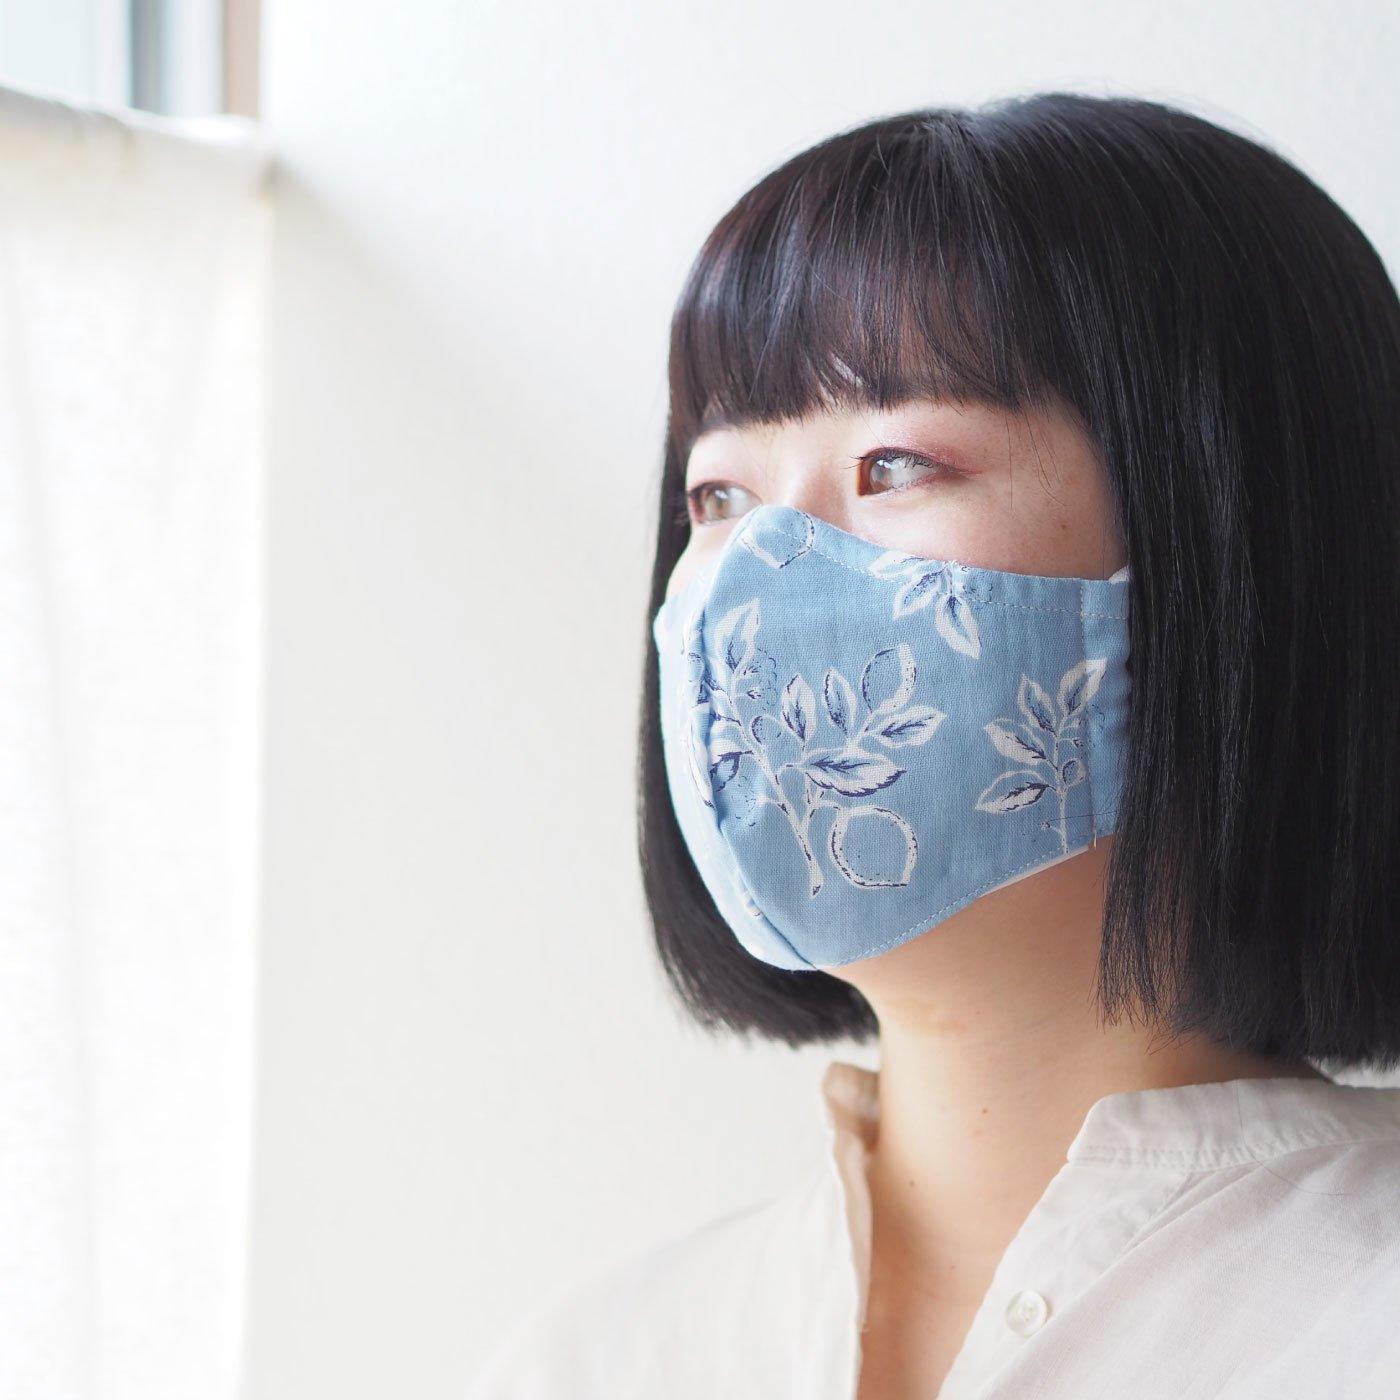 周りの人も元気になれるような配色がかわいいひんやりマスク